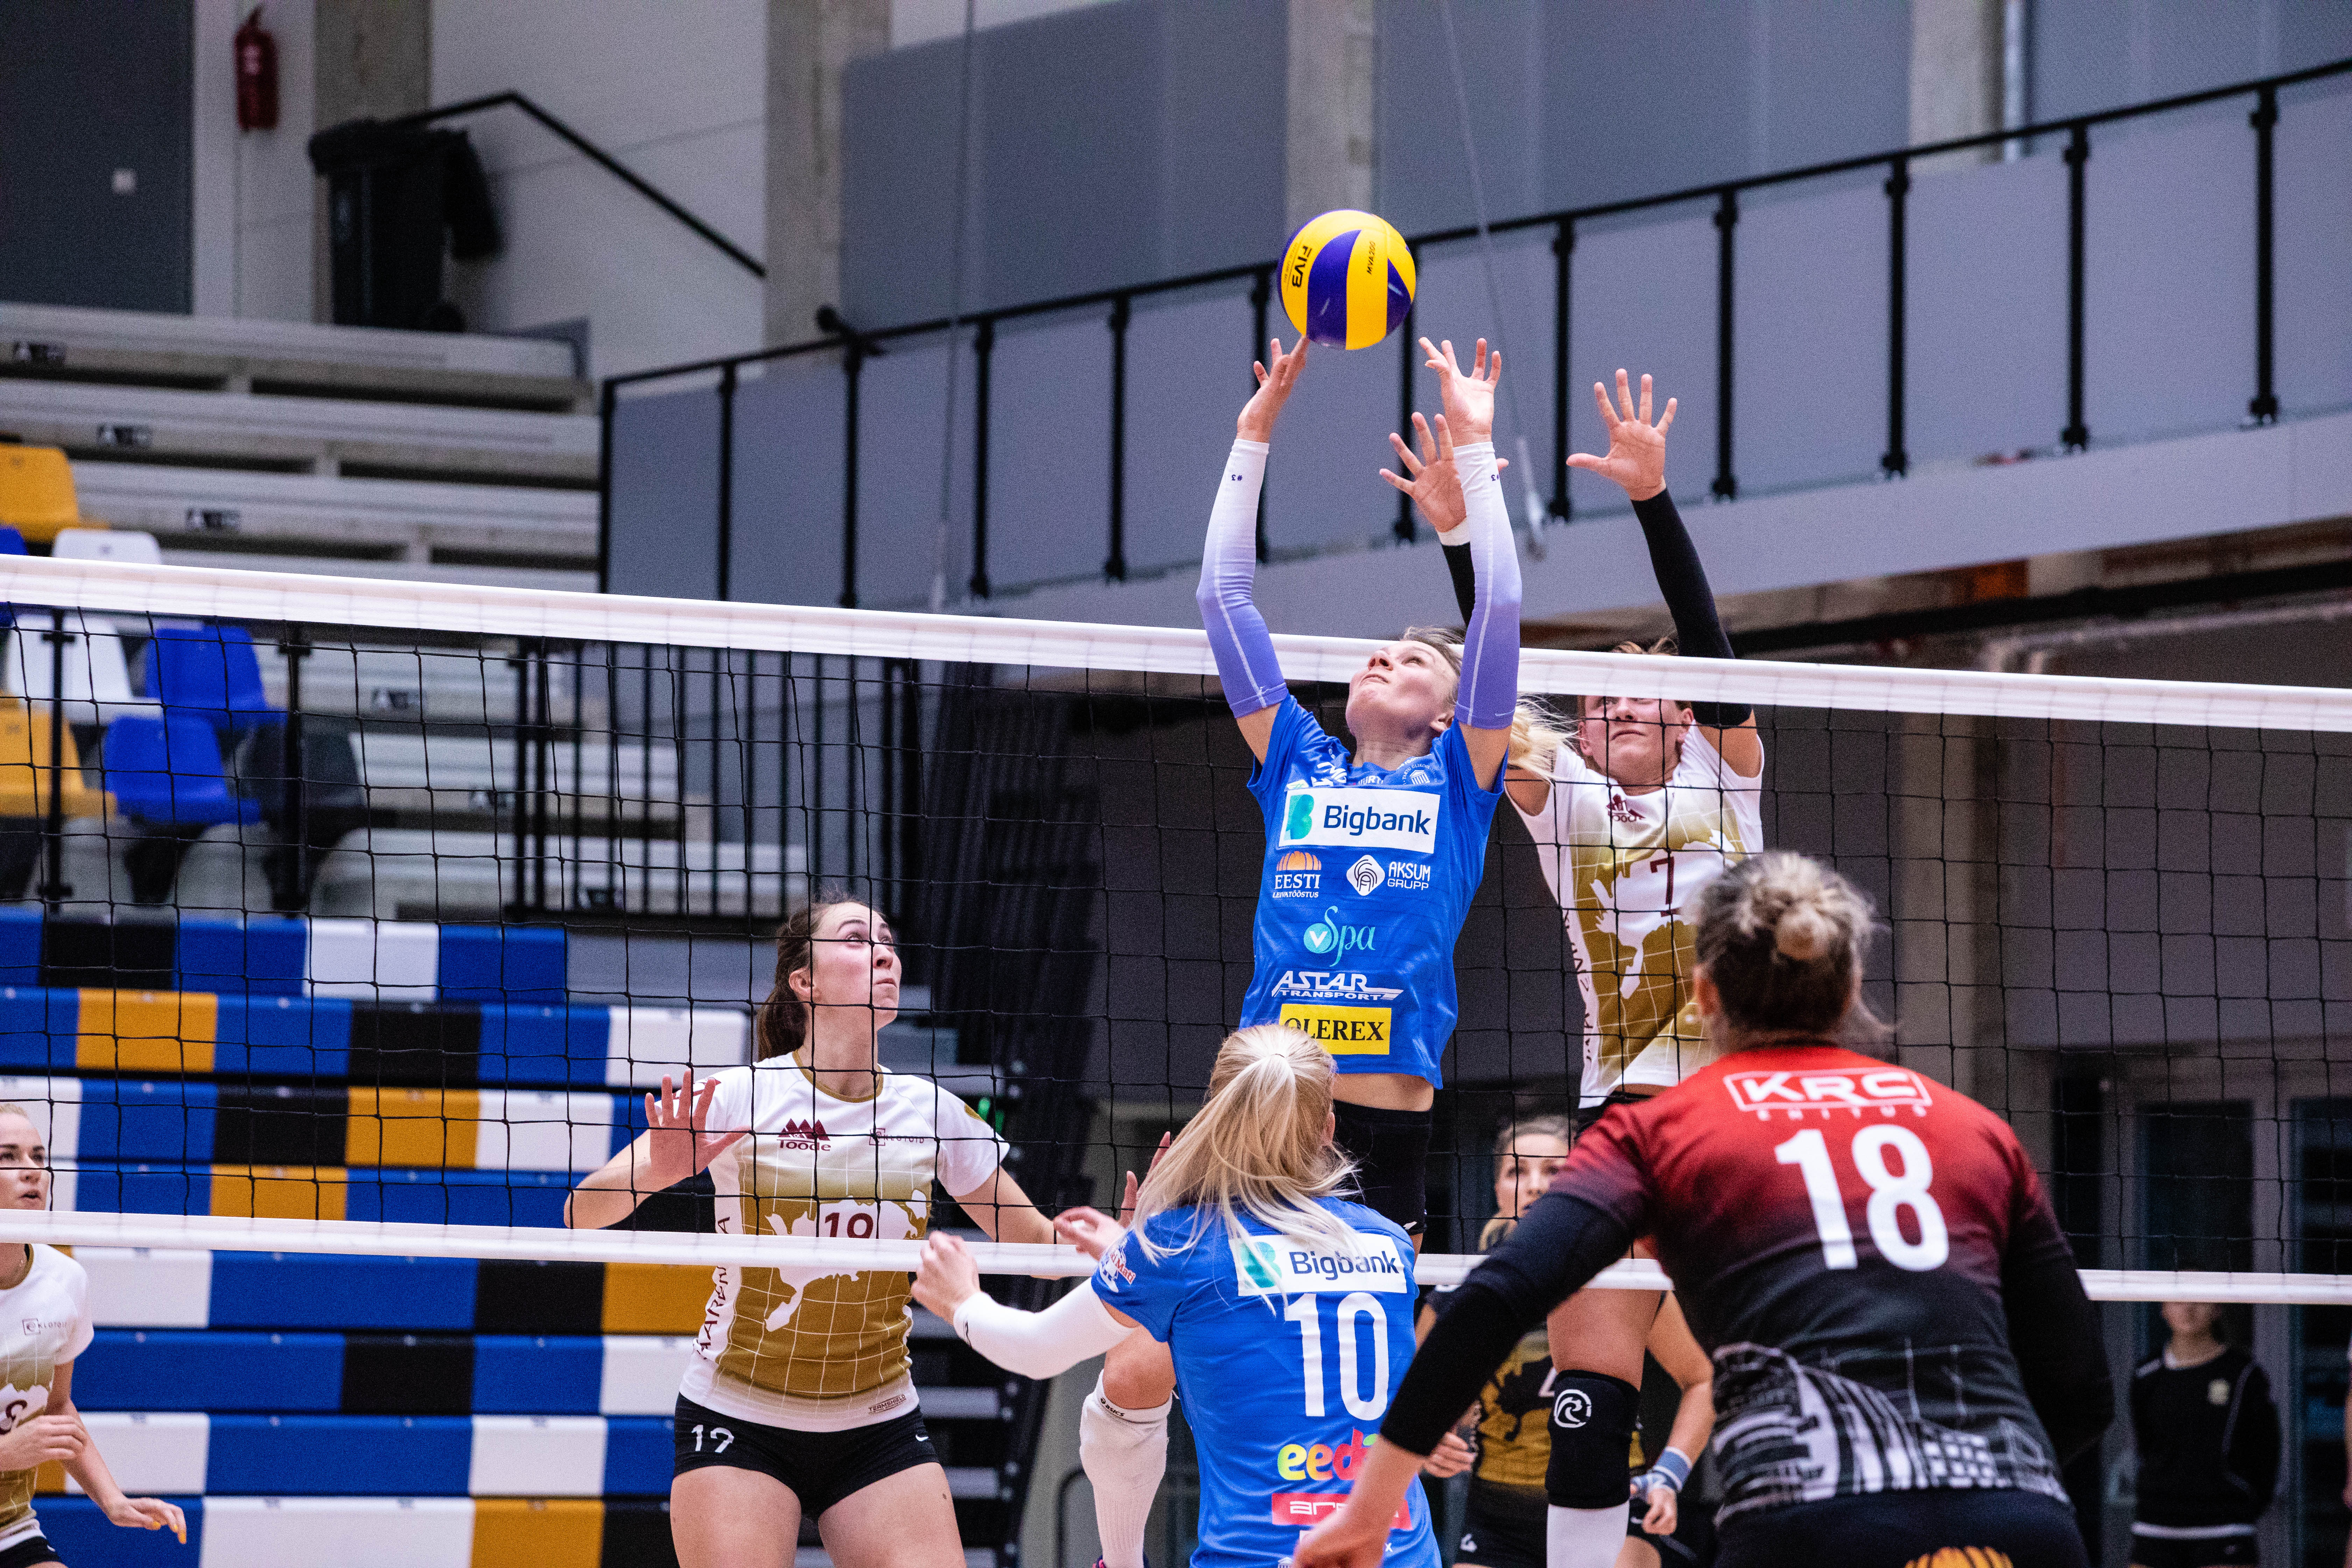 TÜ/Bigbank astus sammu Eesti KV poolfinaali suunas!